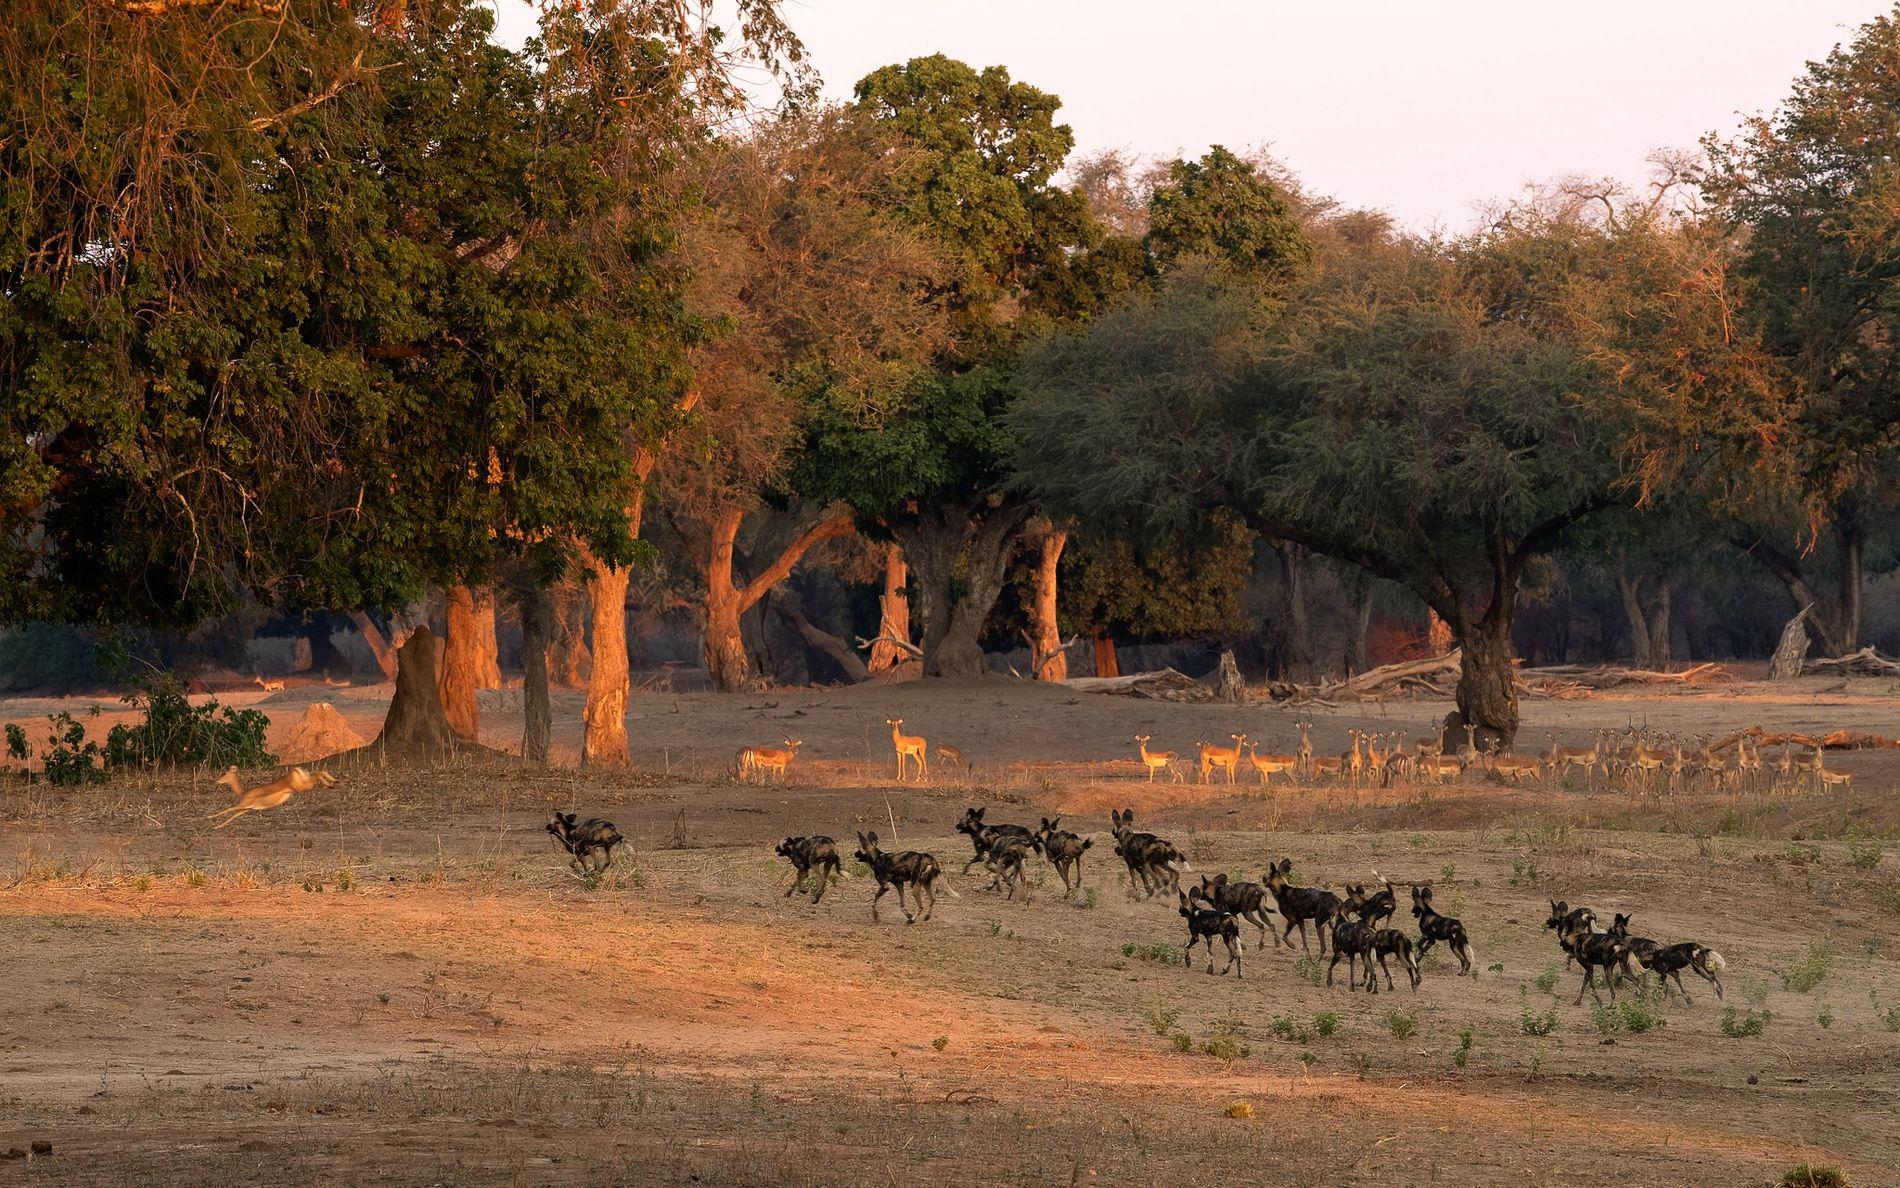 Die Afrikanischen Wildhunde beobachten ihre Beute erst eine Zeit lang und gehen dann zum Angriff über. ...